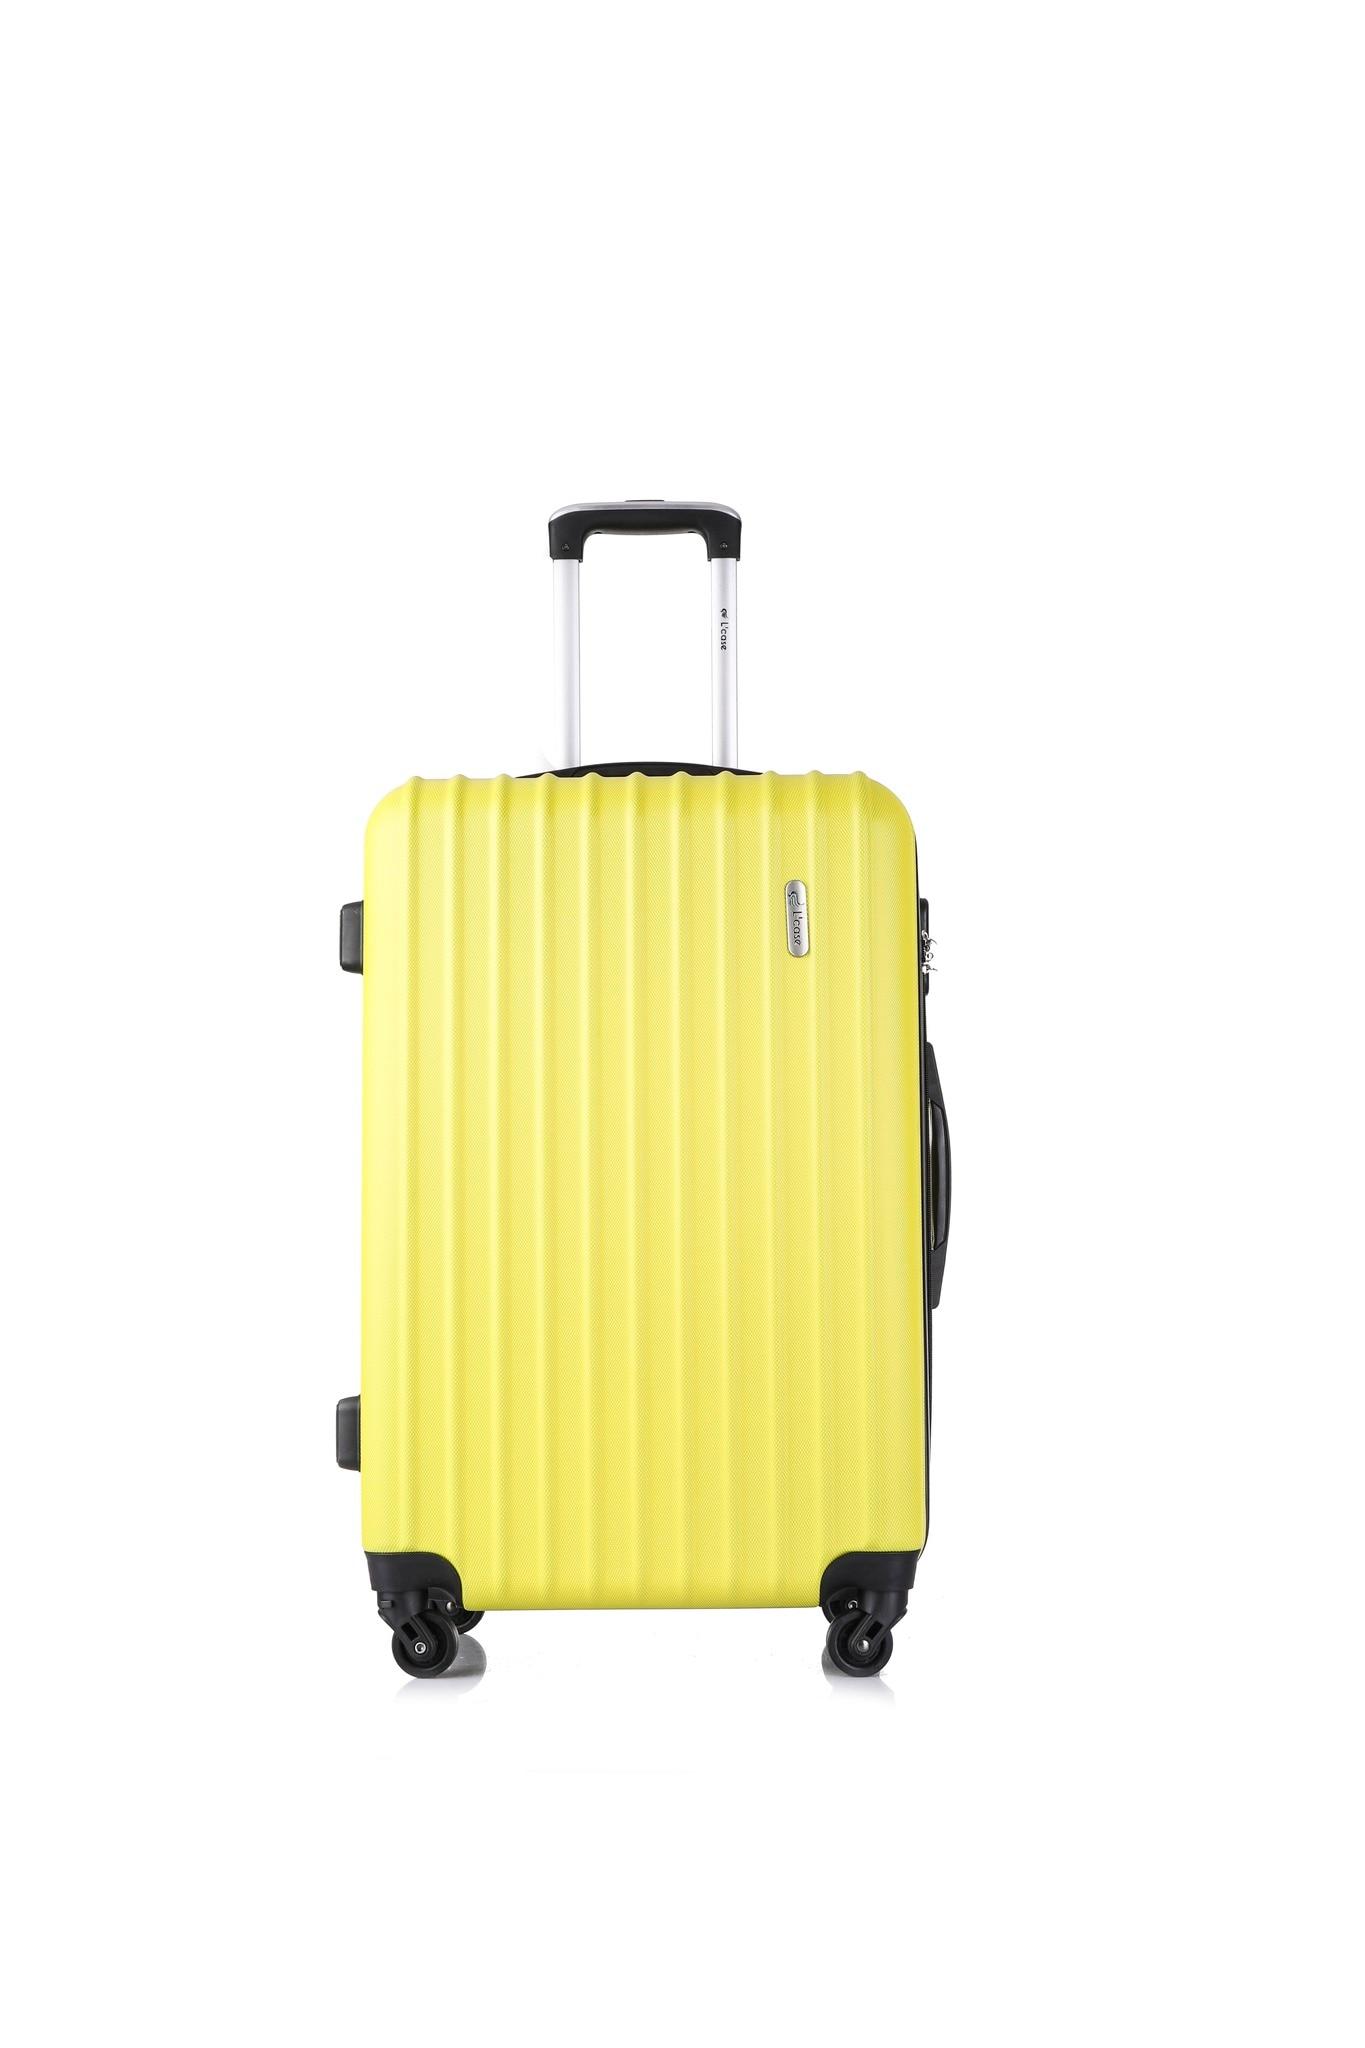 Valise à bagages jaune clair krabi jaune